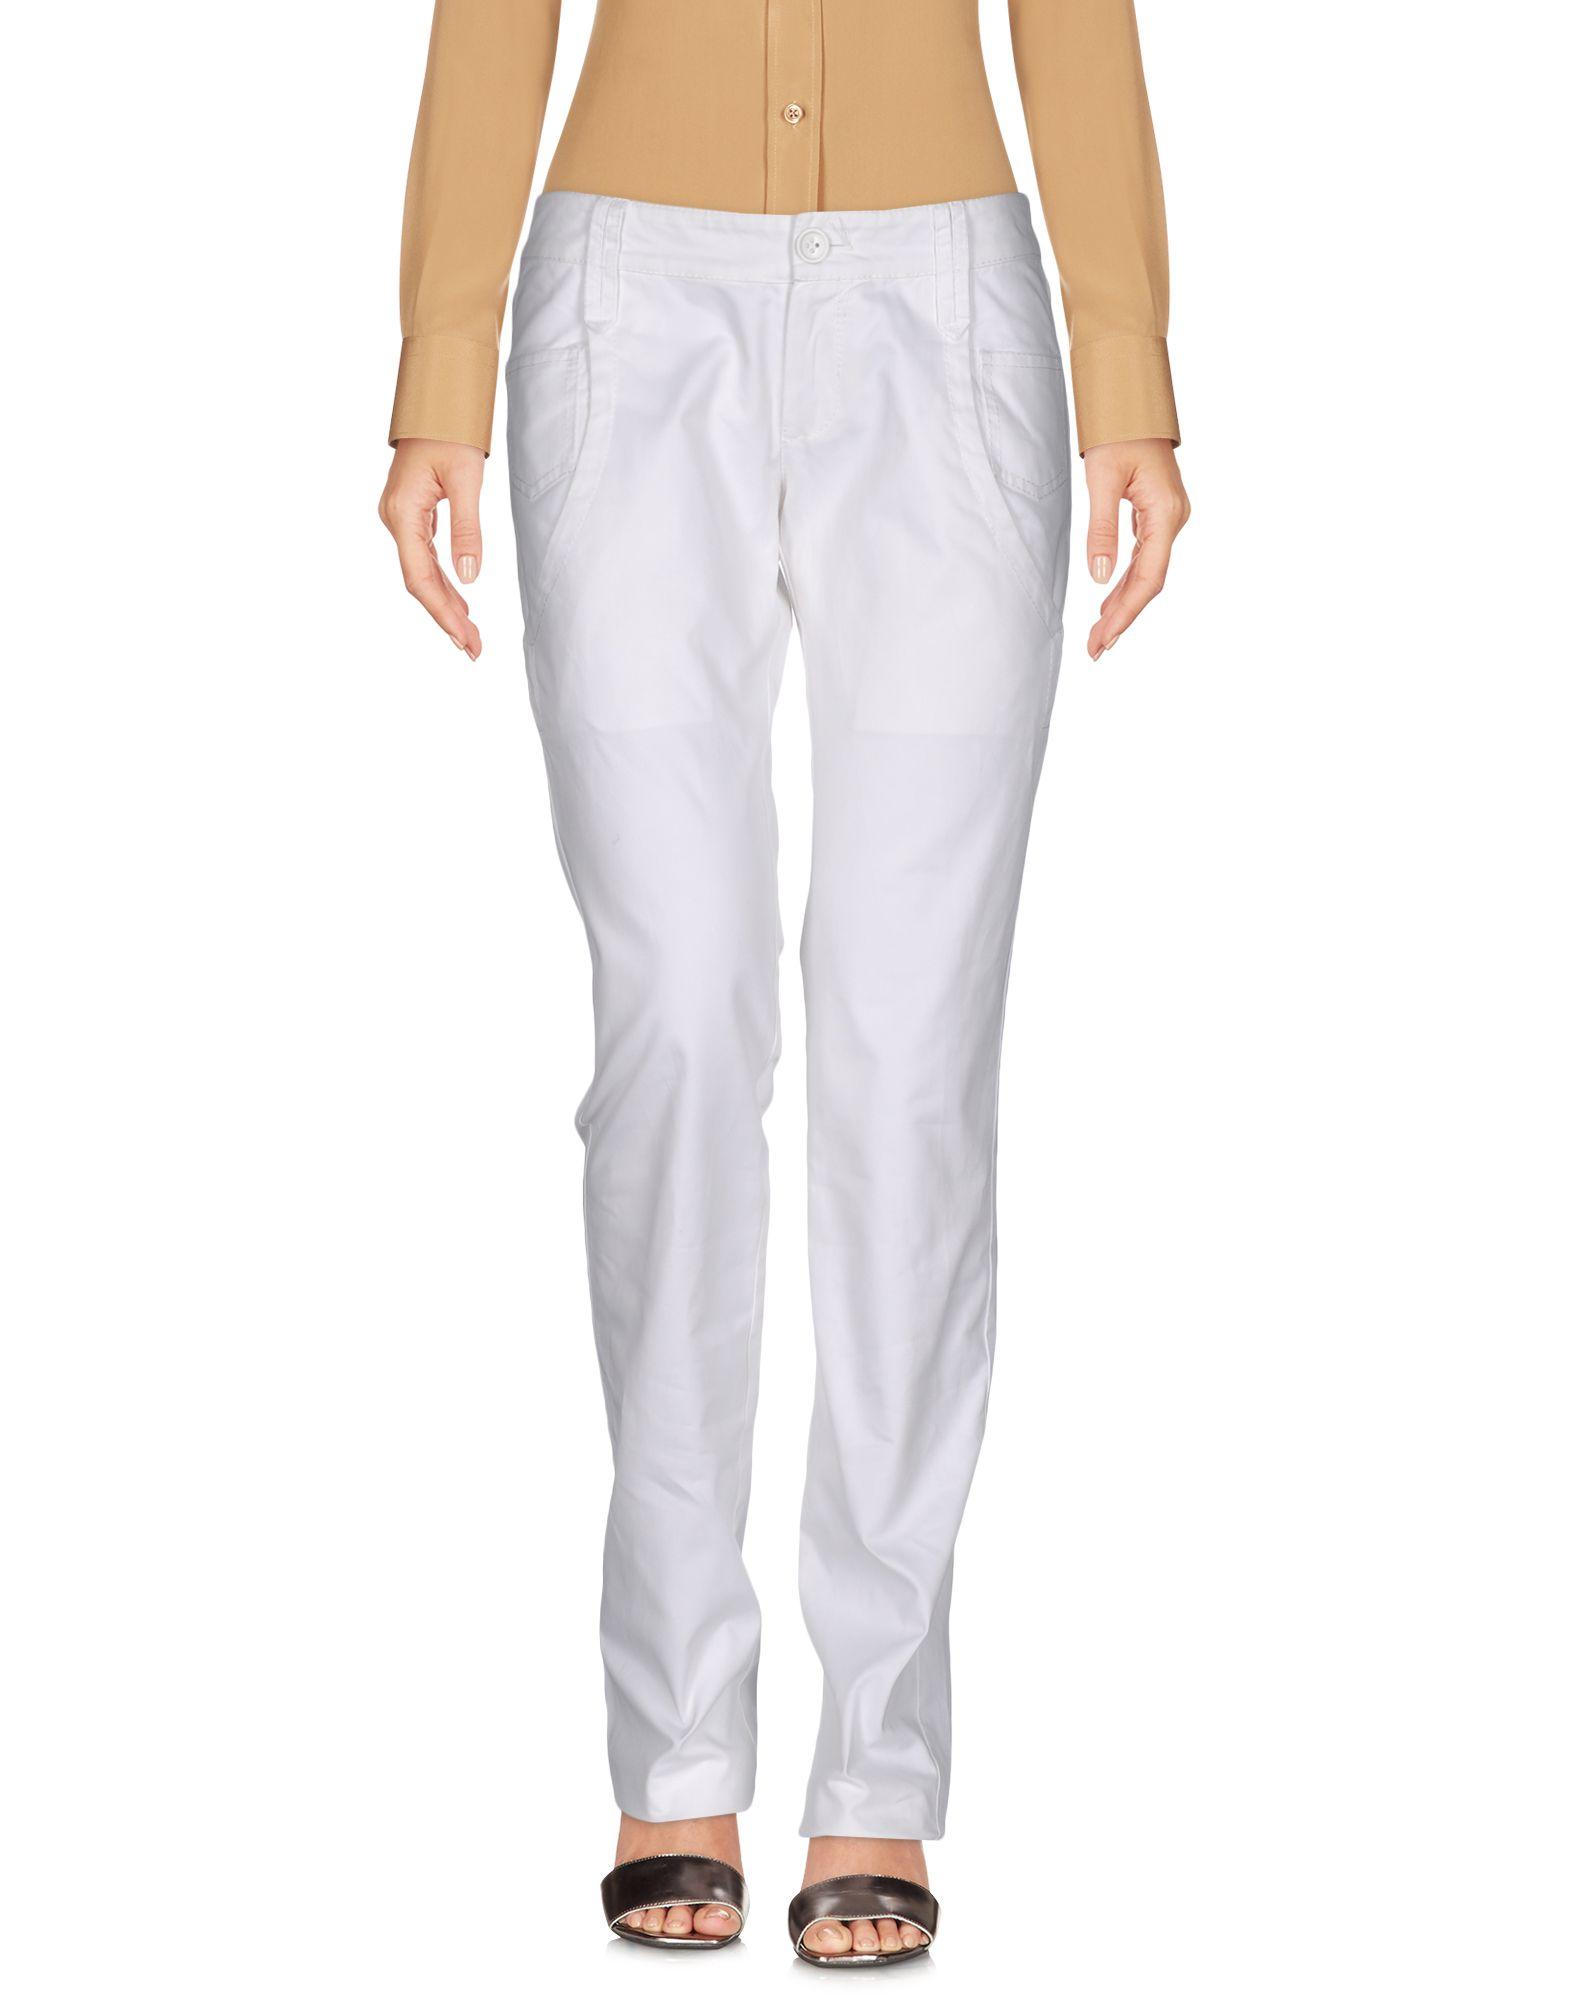 SHI 4 Повседневные брюки брюки для беременных topshop 4 22